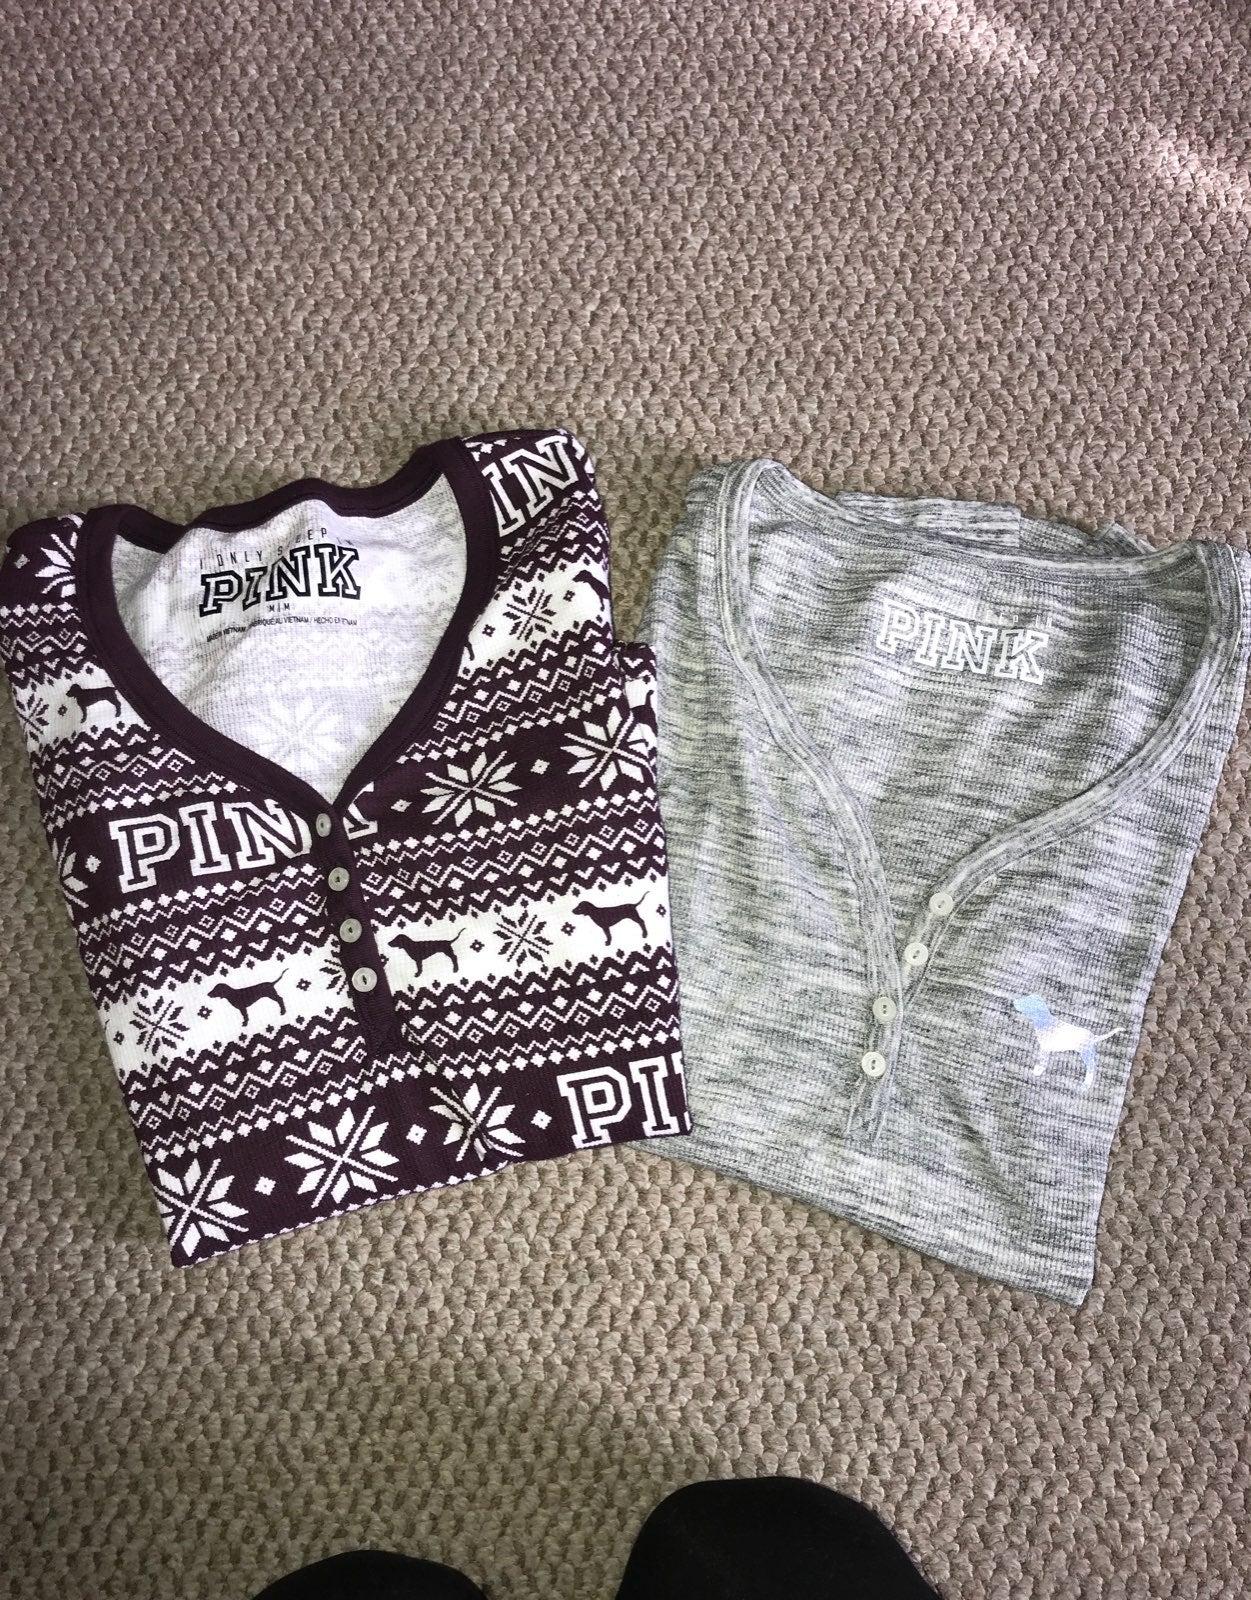 PINK thermal shirts